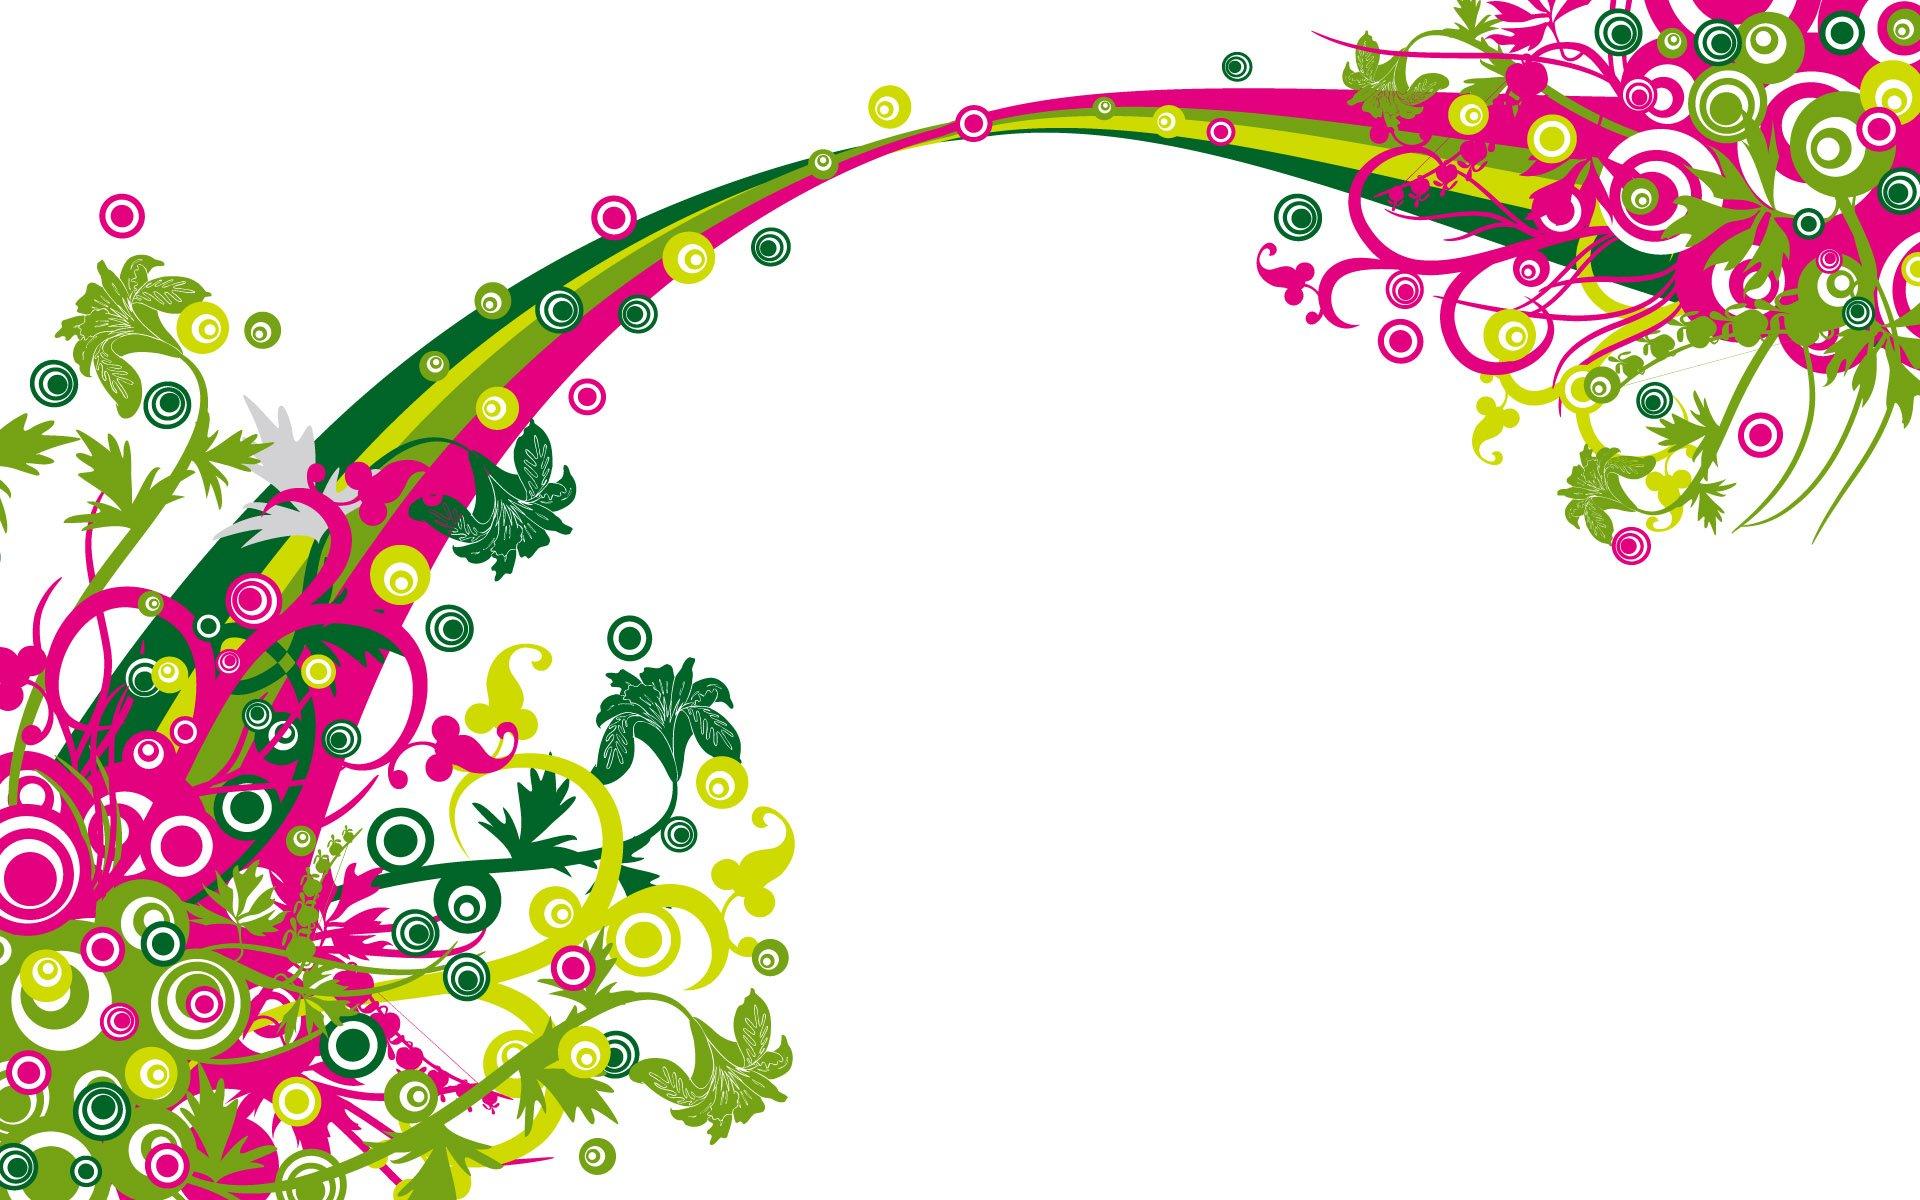 Красивые картинки с цветами для афиши работы